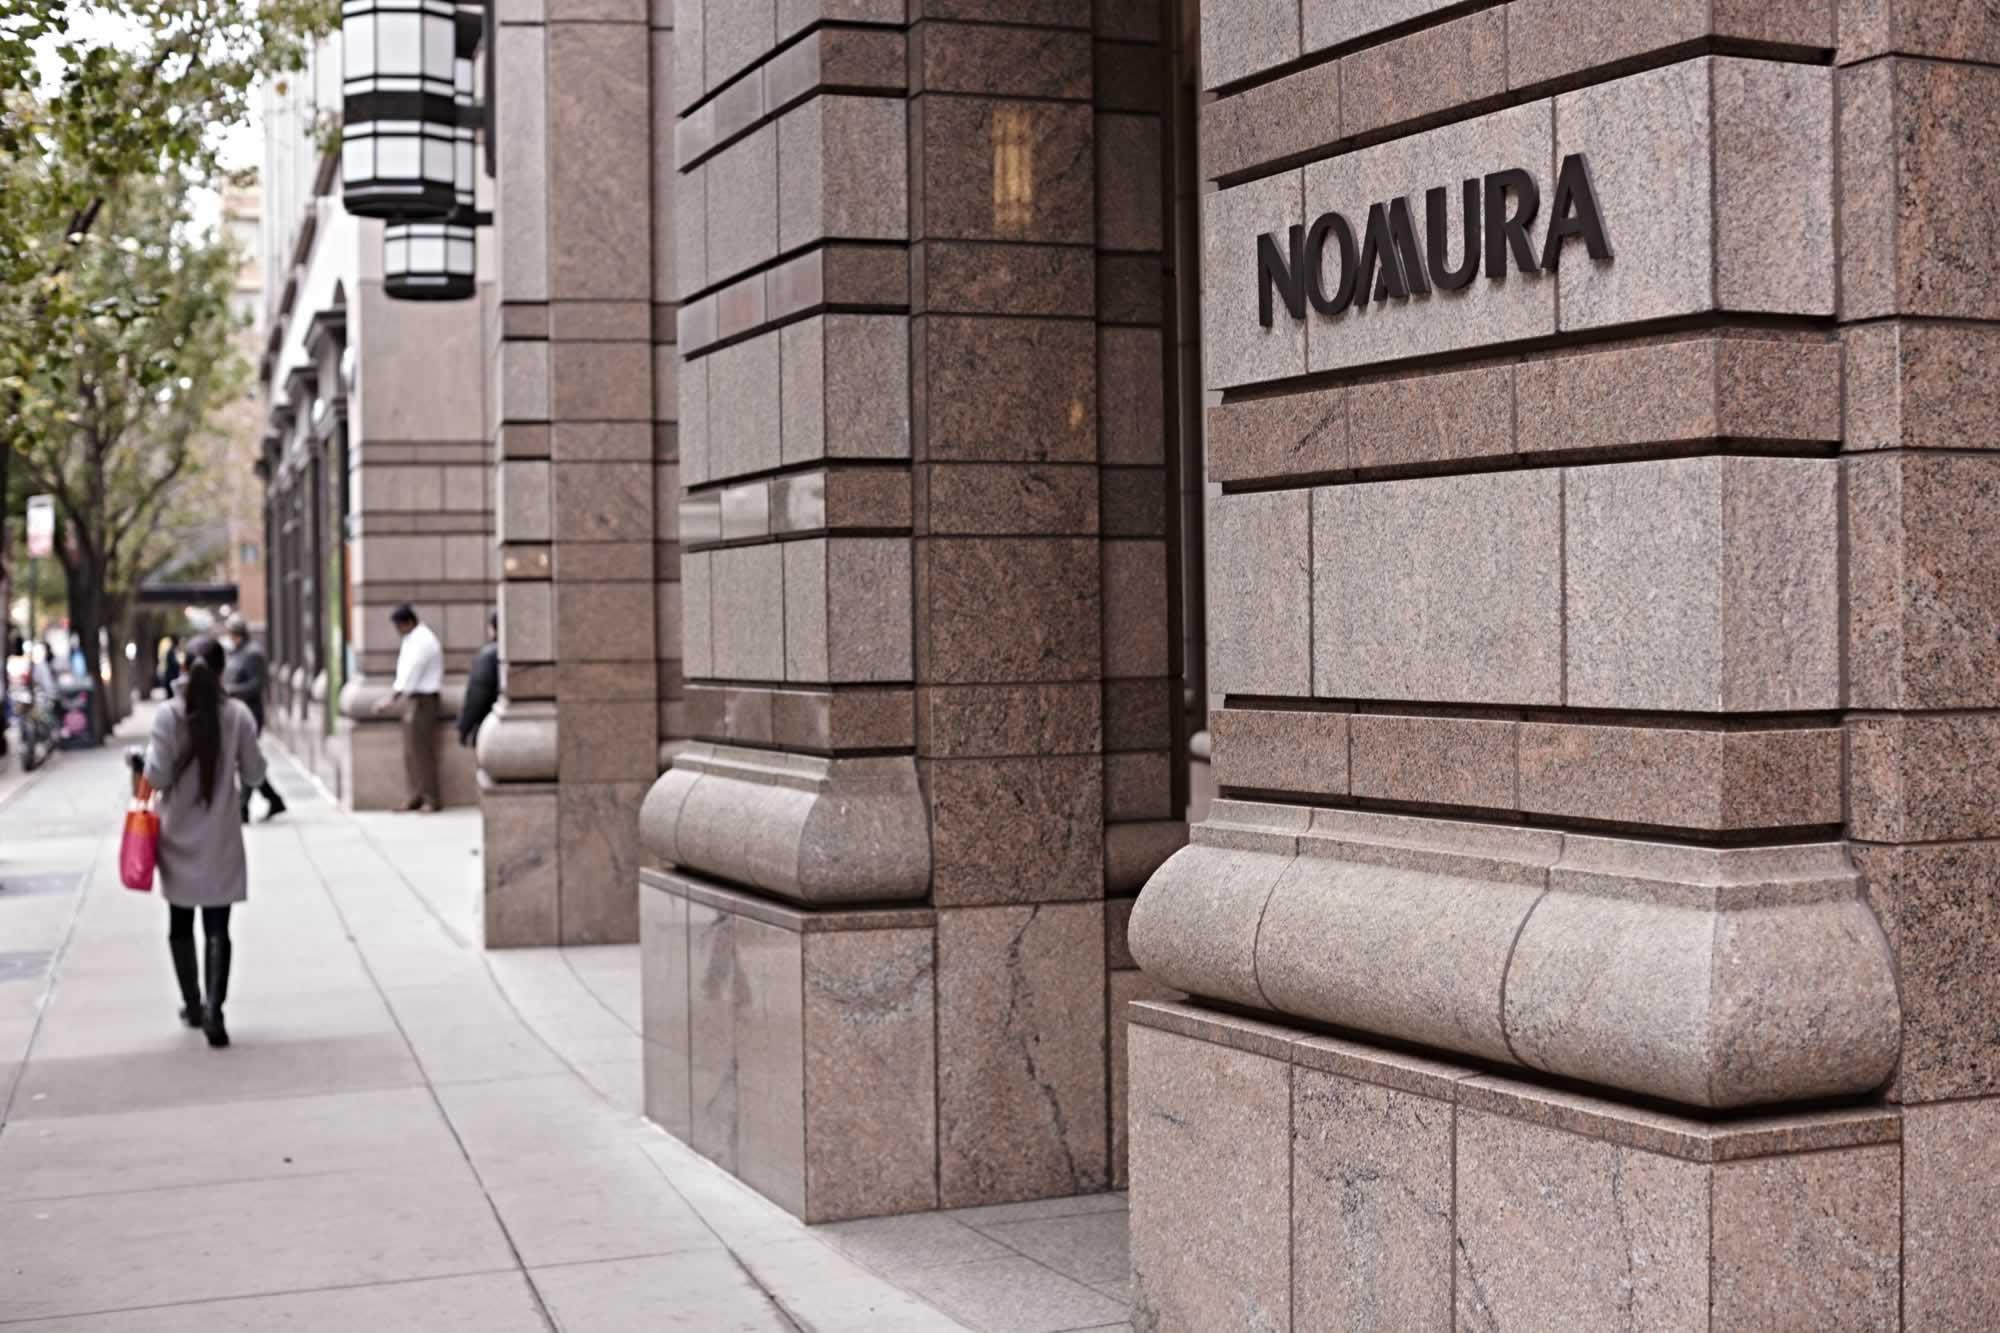 Nomura Holdings Inc. đã ghi nhận khoản lỗ khổng lồ